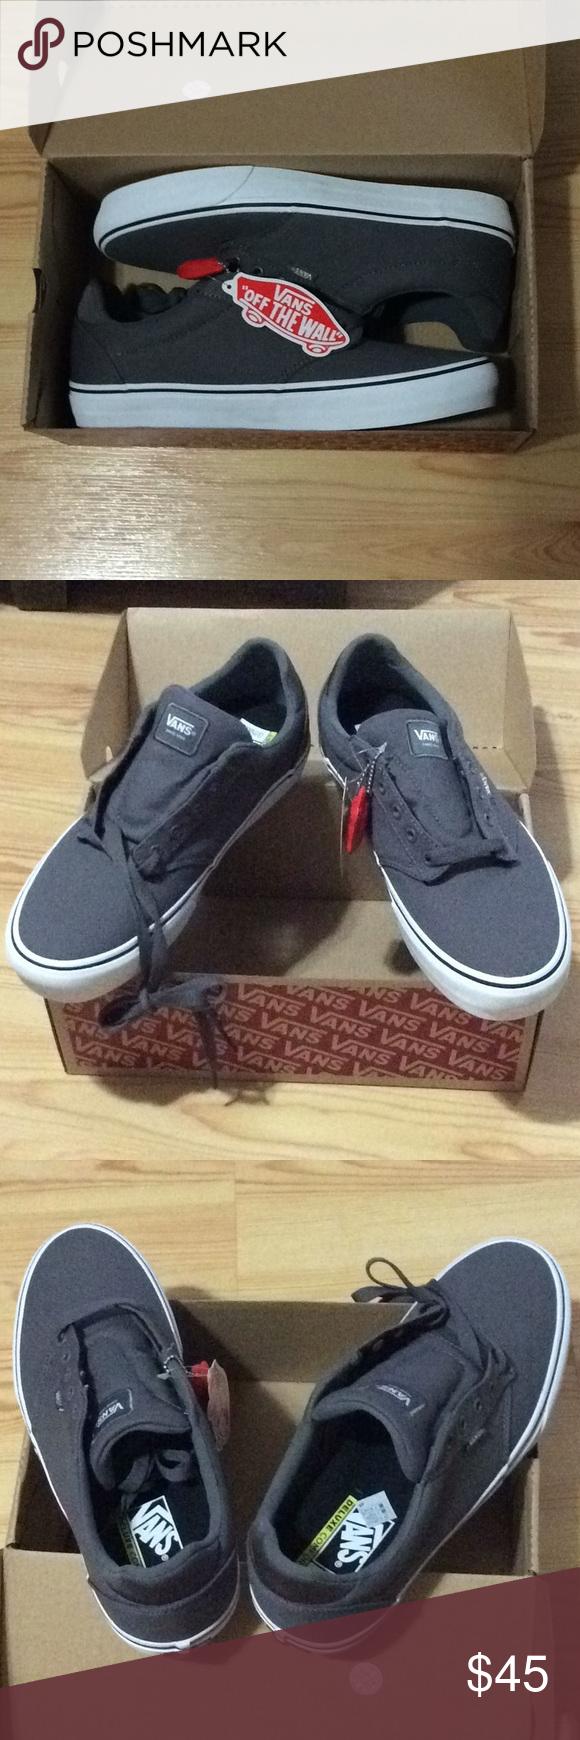 Vans Atwood Deluxe Comfort shoes NIB